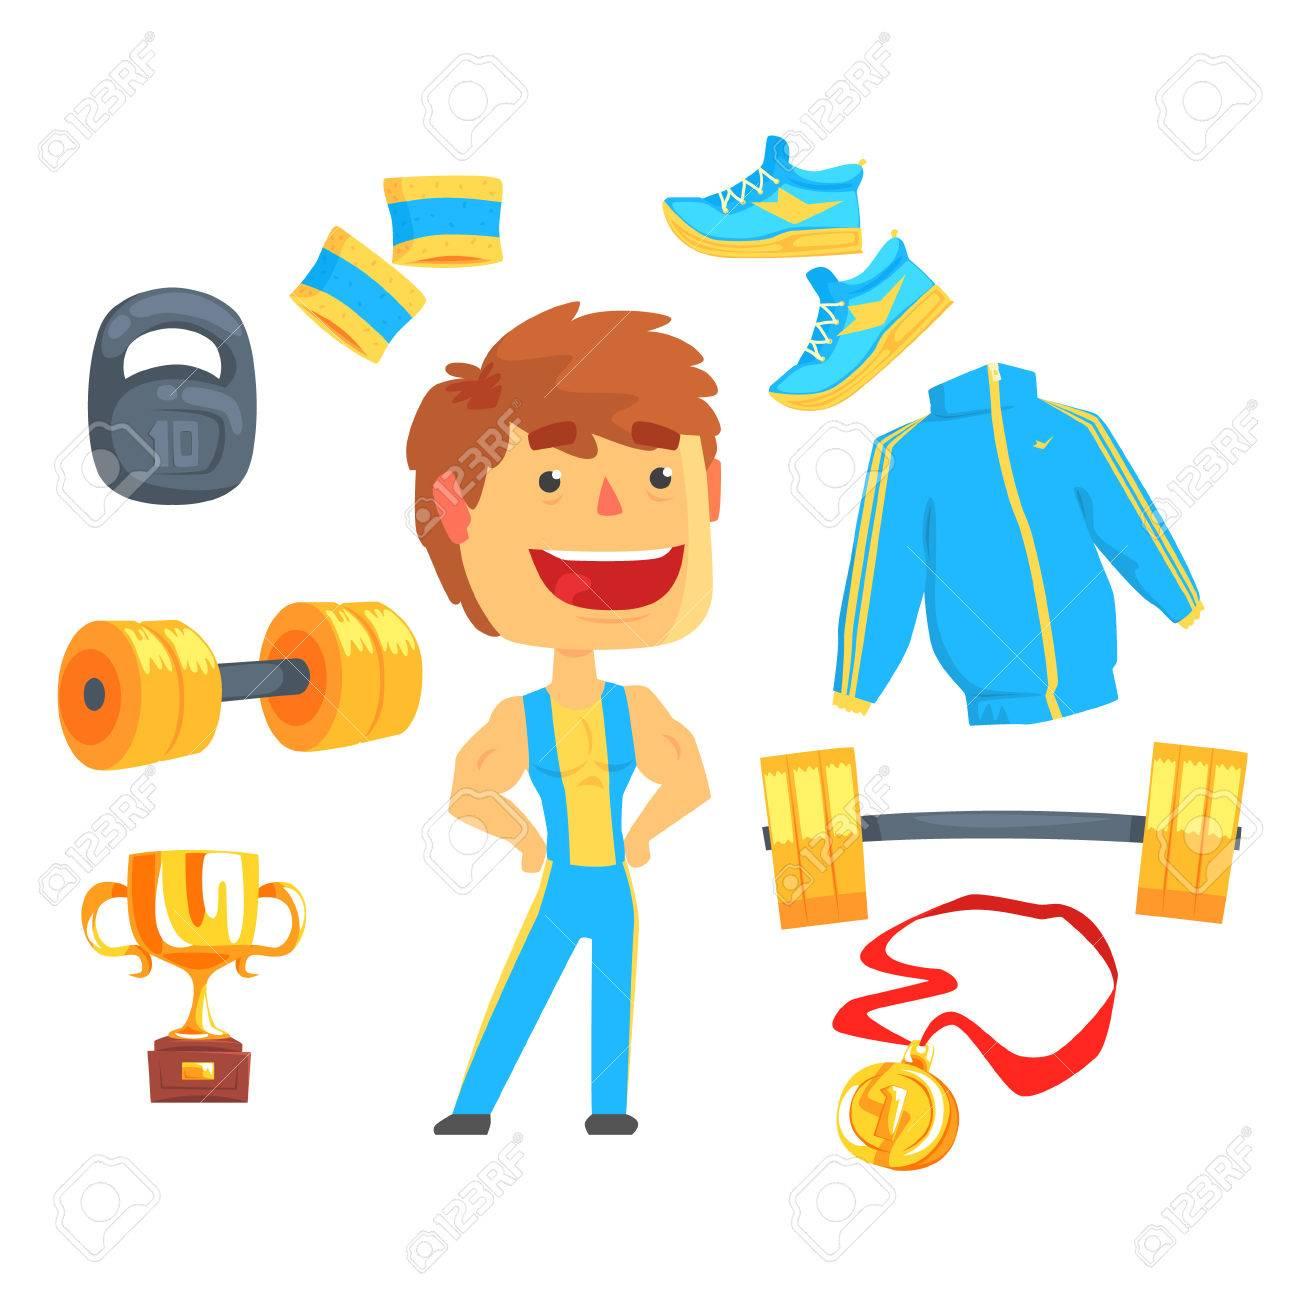 Illustrations Sportif Détaillées La D'étiquettesEquipement Musclé Conception MusculationDessin Pour Animé Coloré BodybuilderHomme rCxhBtdsQ